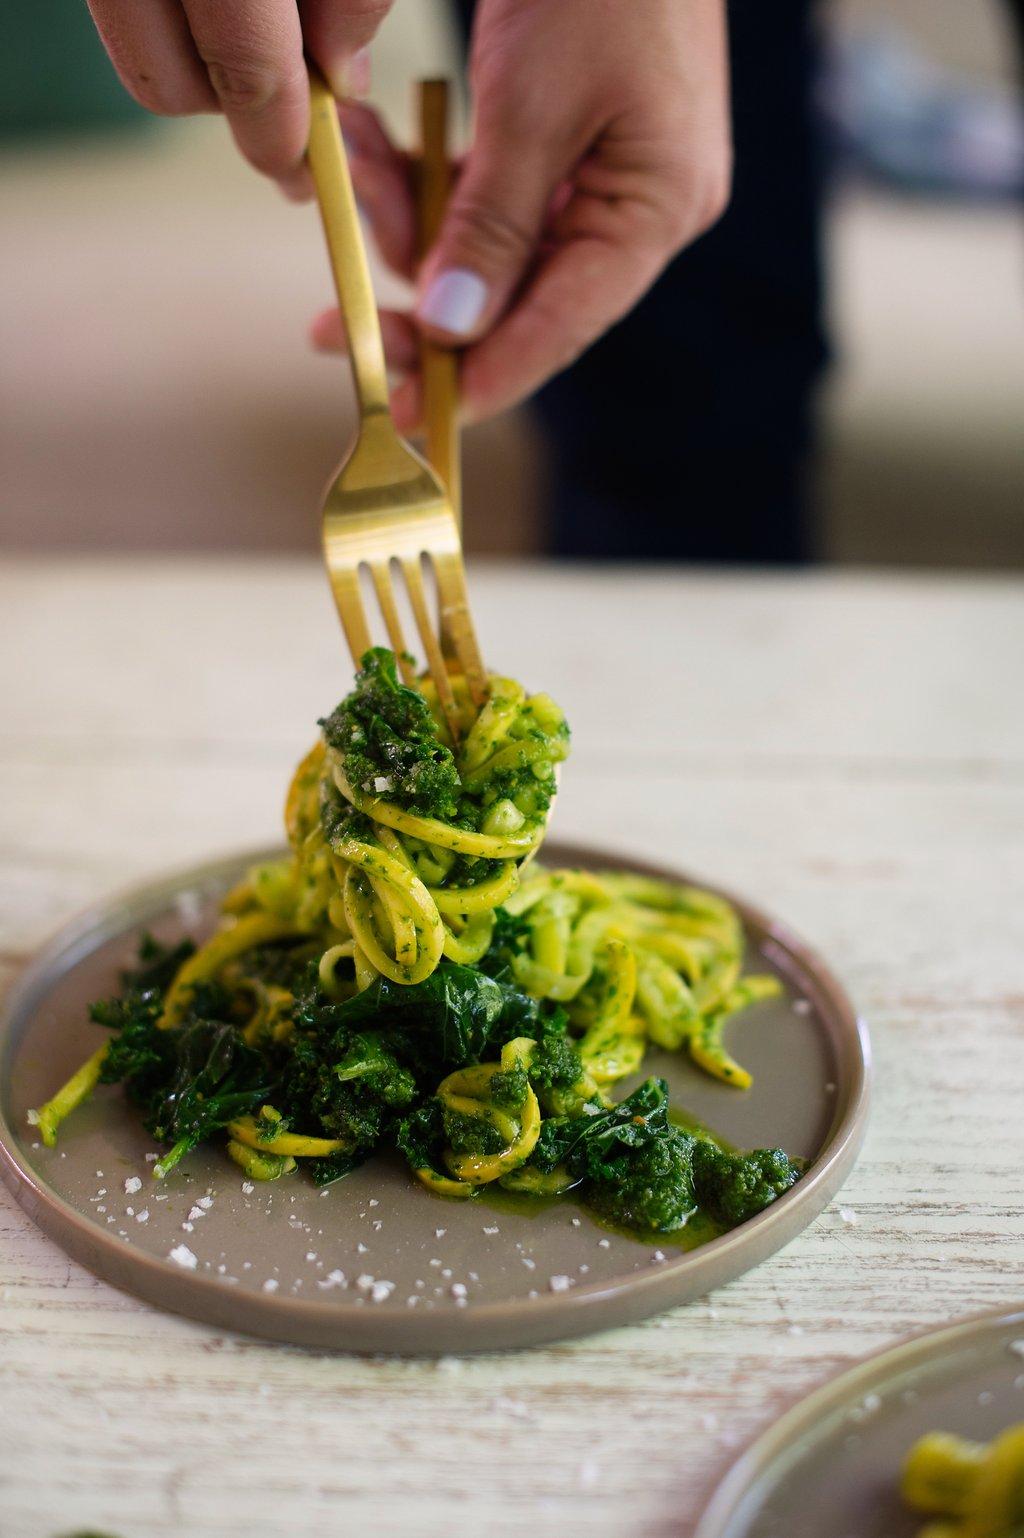 Zucchini-Pasta-wth-Pistachio-Pesto-4